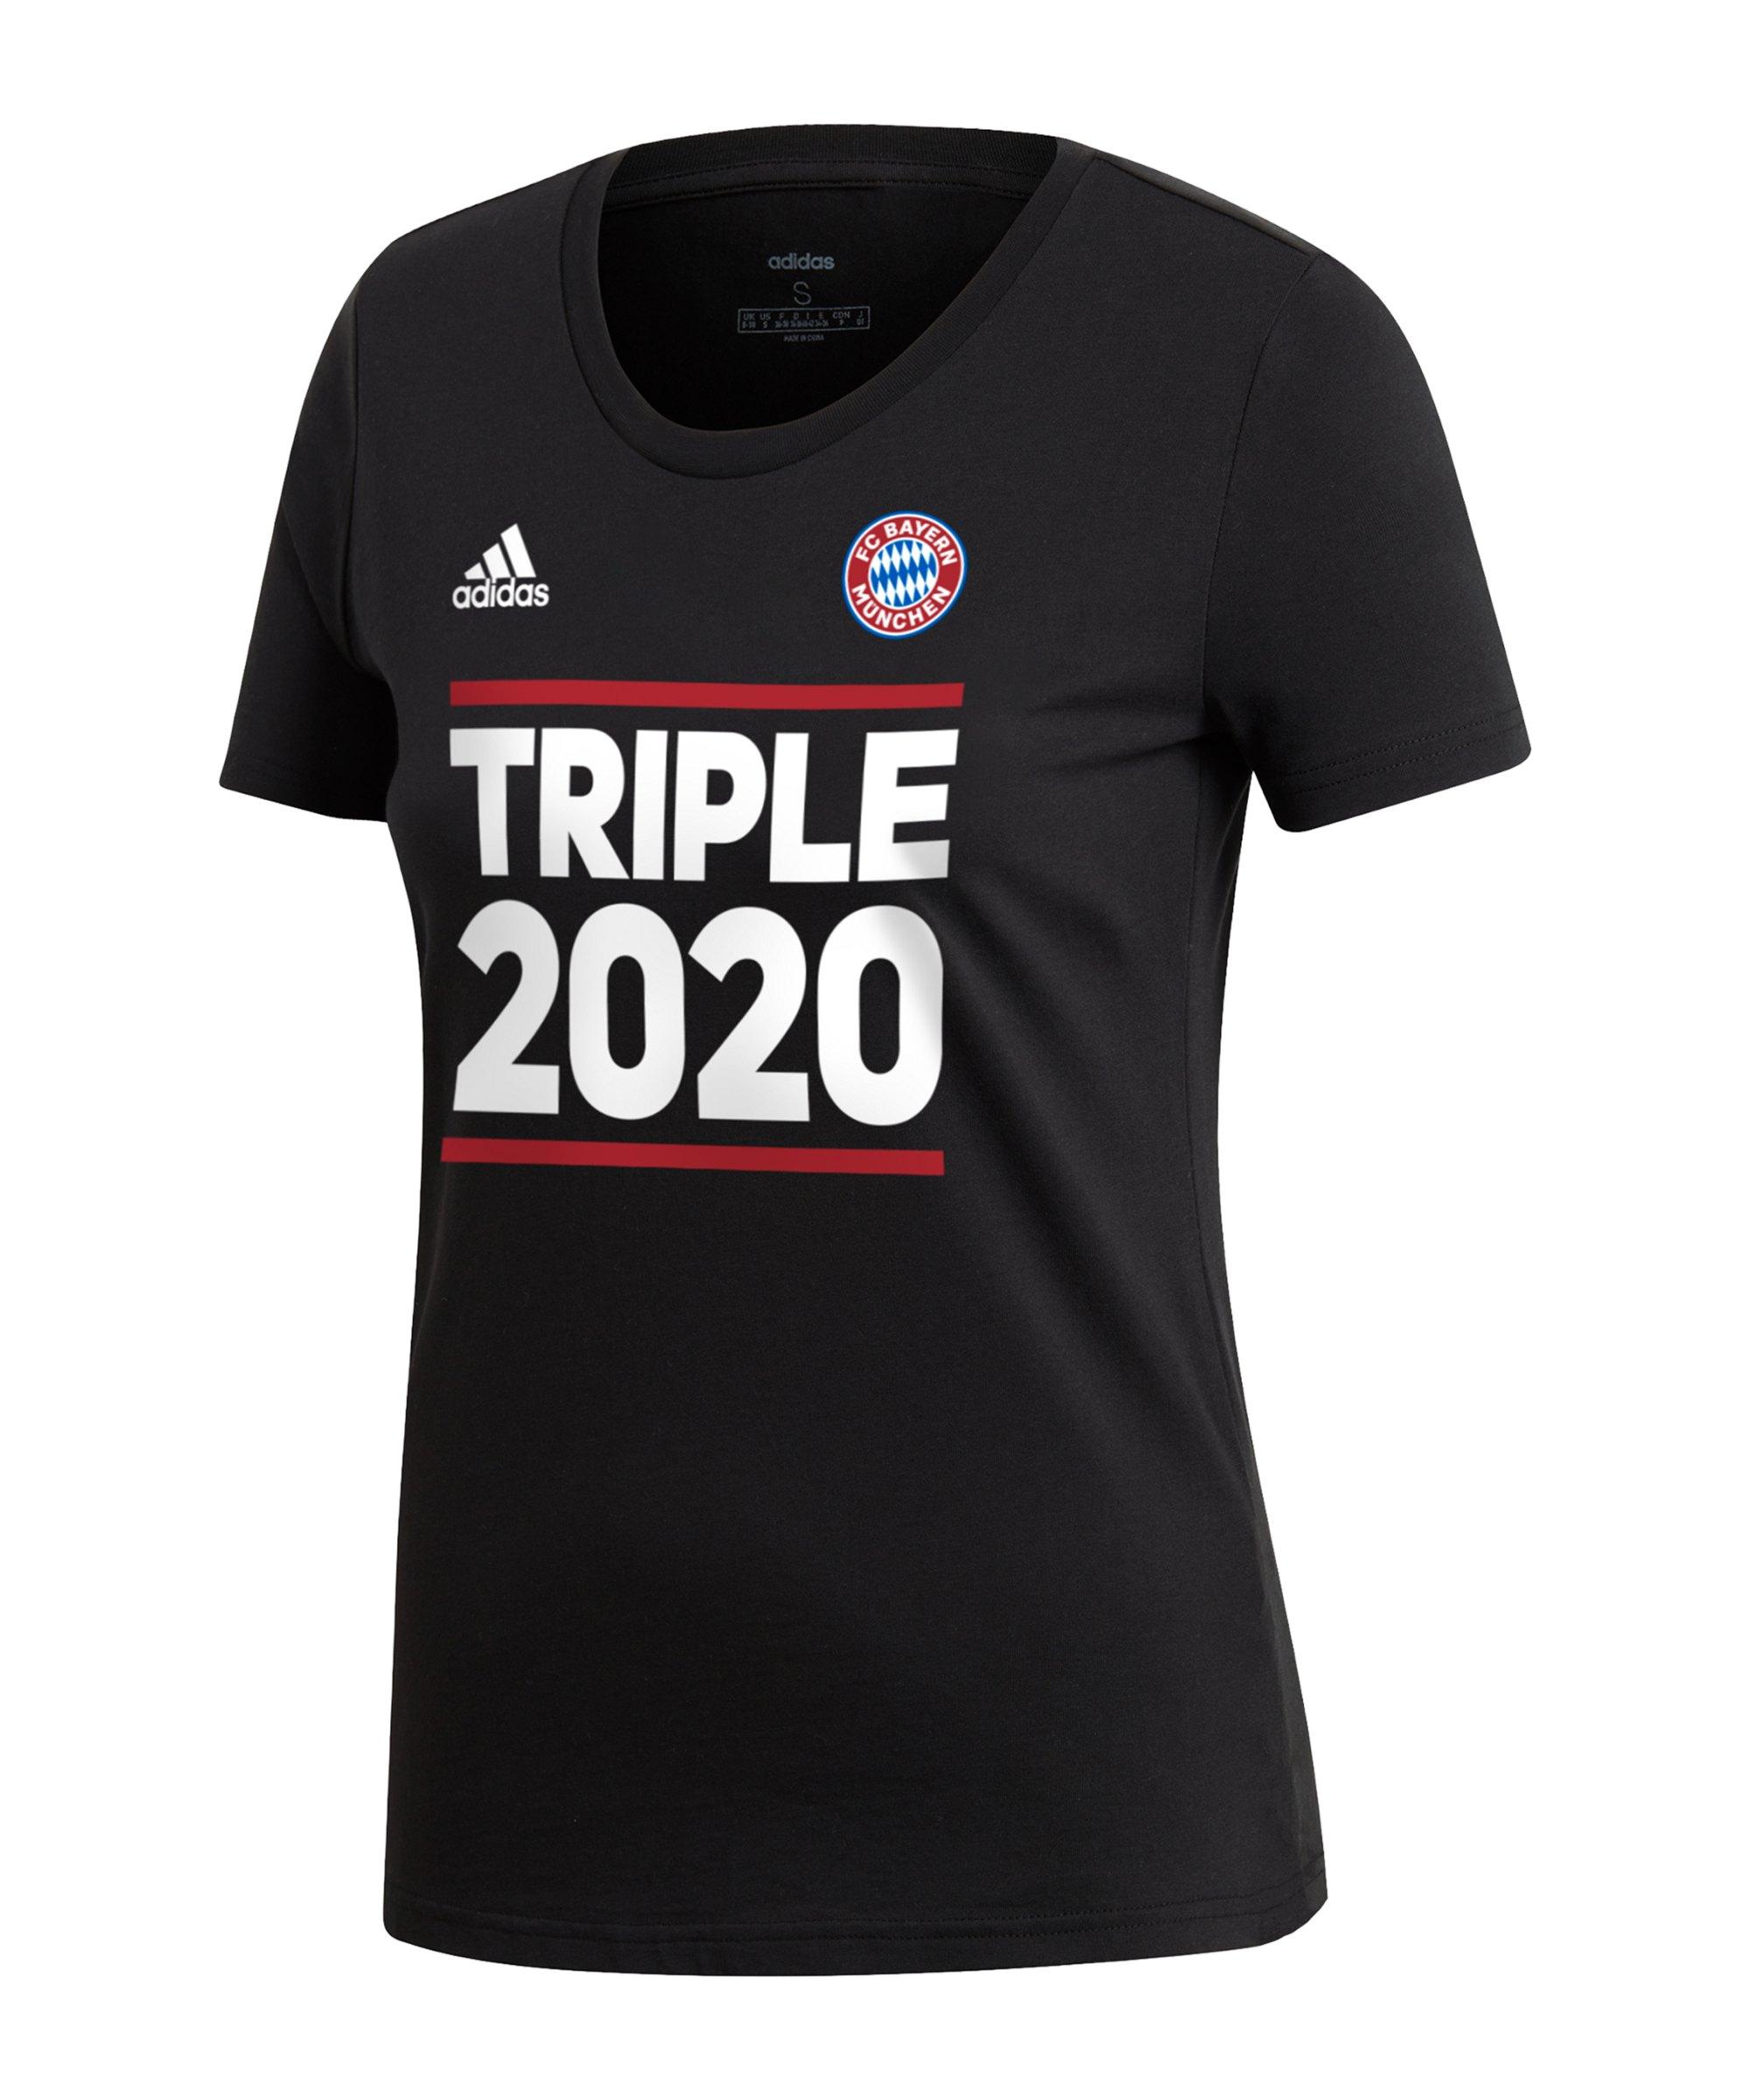 adidas FC Bayern München Triple 2020 T-Shirt Damen Schwarz - schwarz